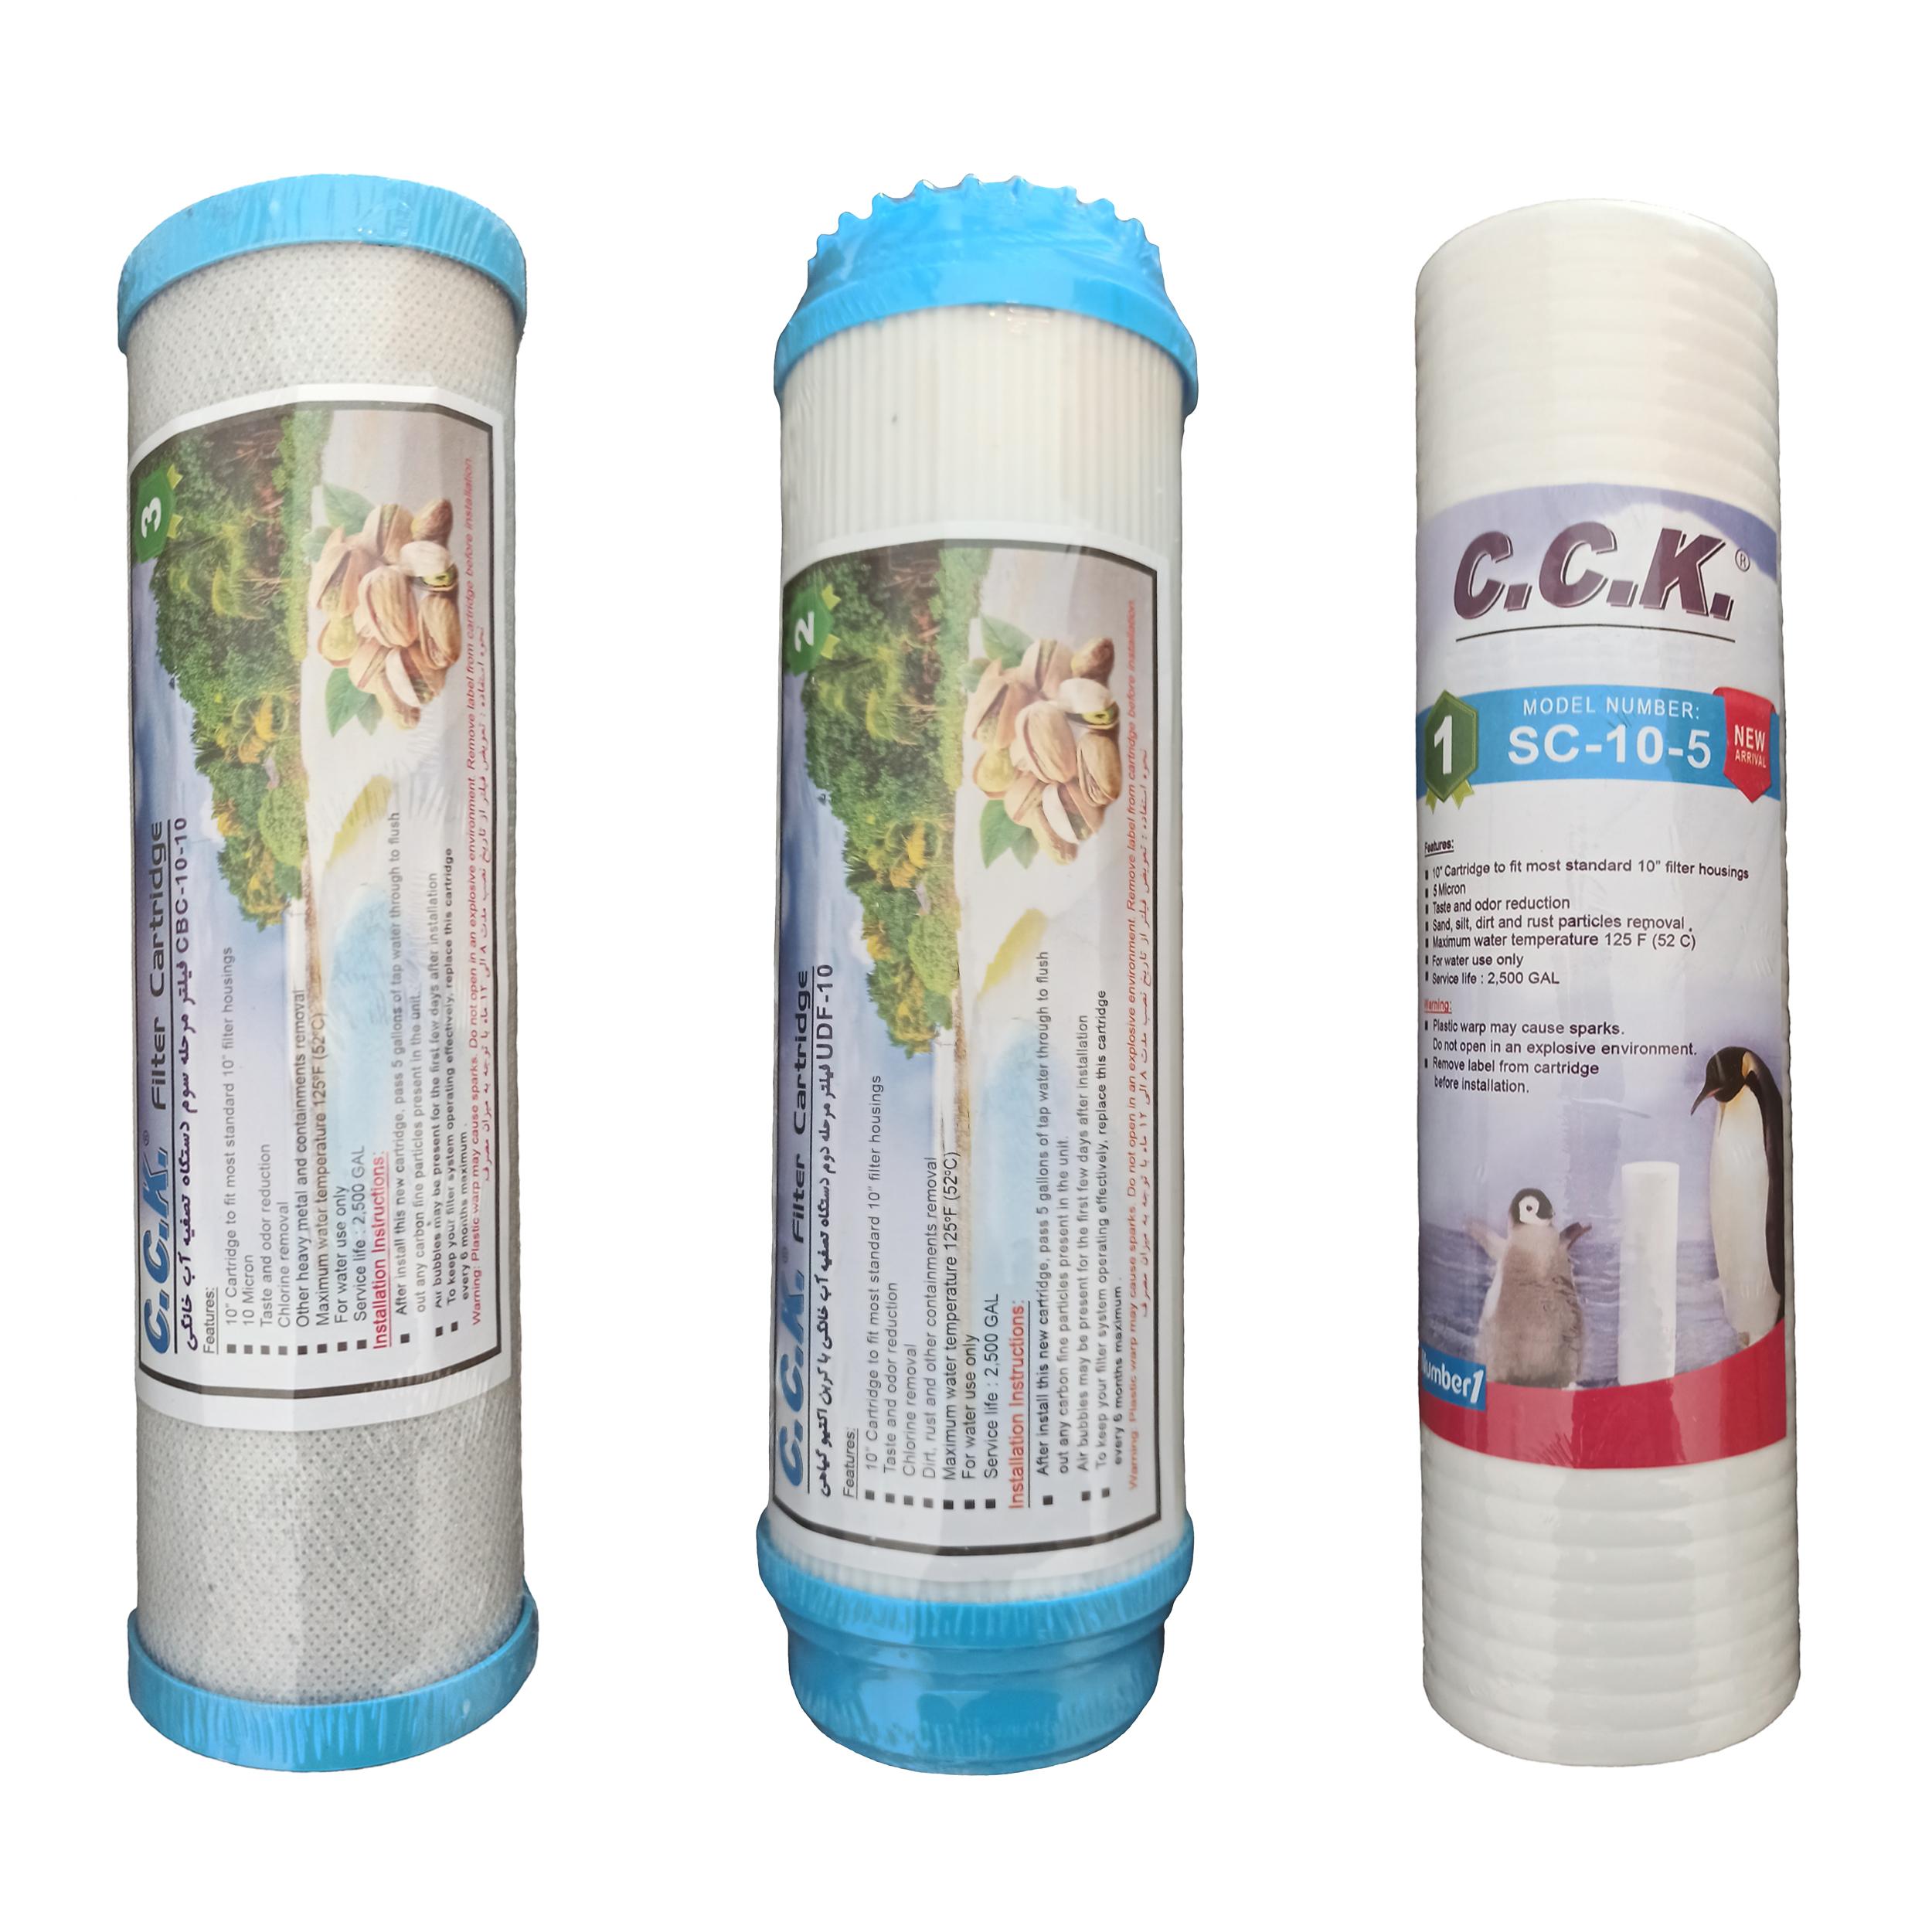 فیلتر دستگاه تصفیه کننده آب خانگی سی سی کا مدل F01 بسته 3 عددی